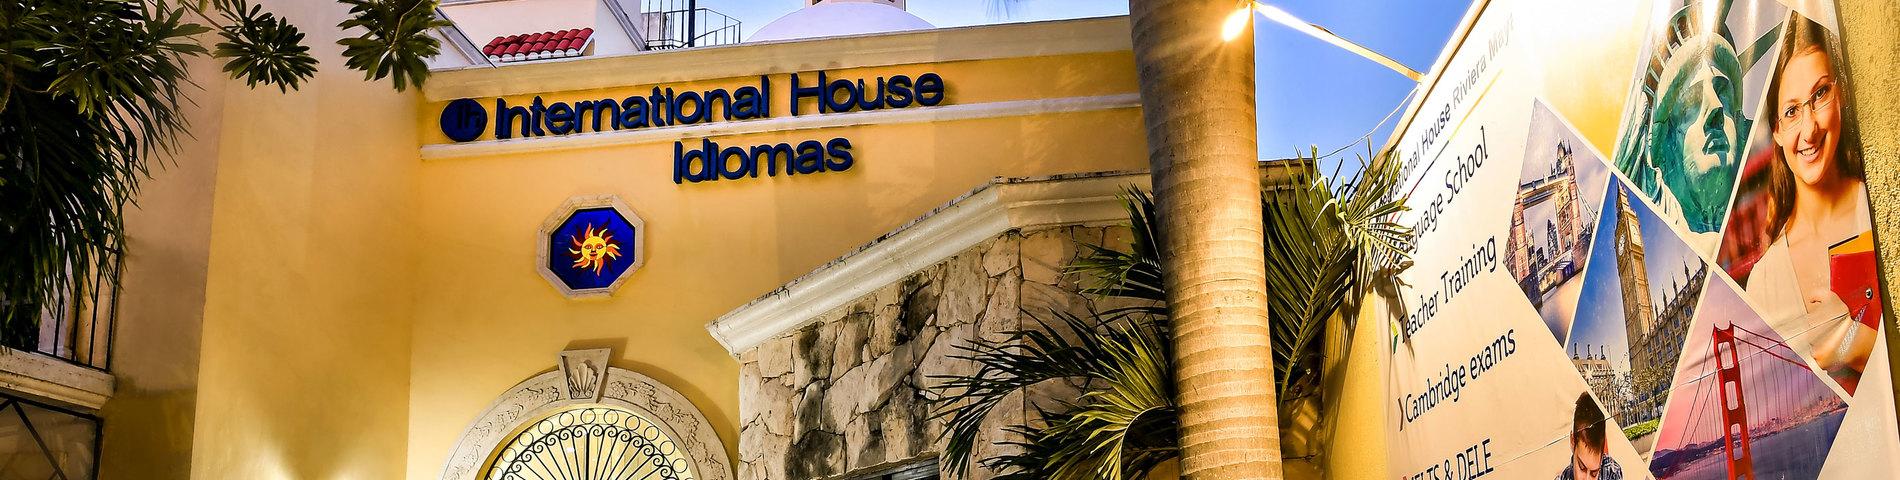 International House - Riviera Maya photo 1